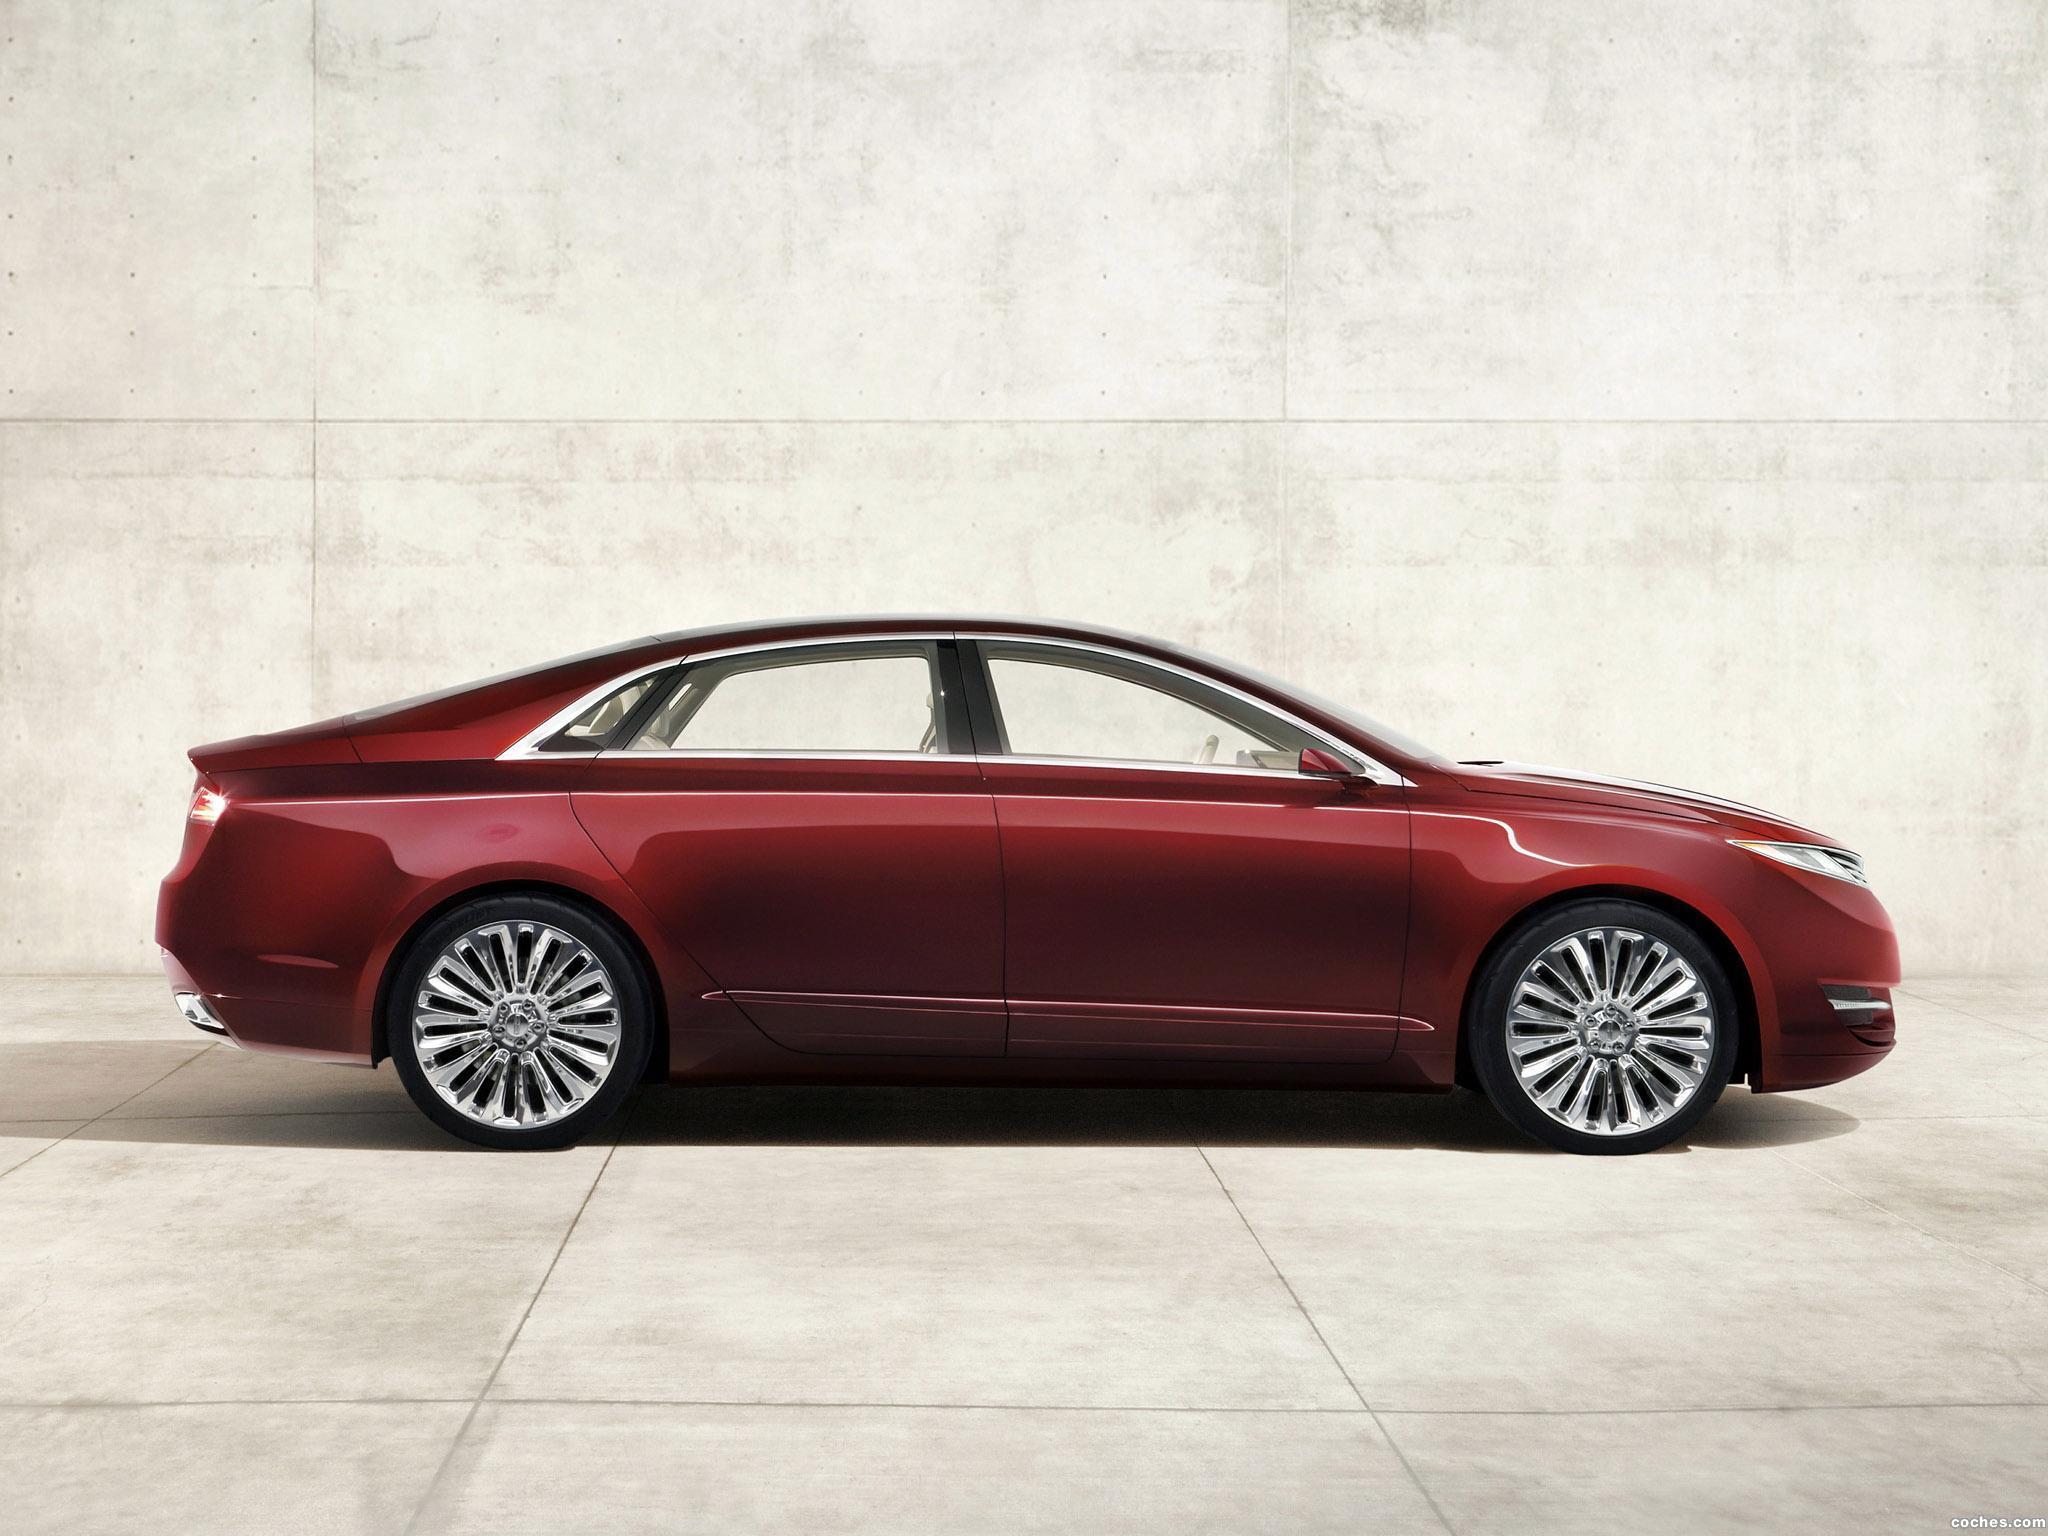 Foto 2 de Lincoln MKZ Concept 2012